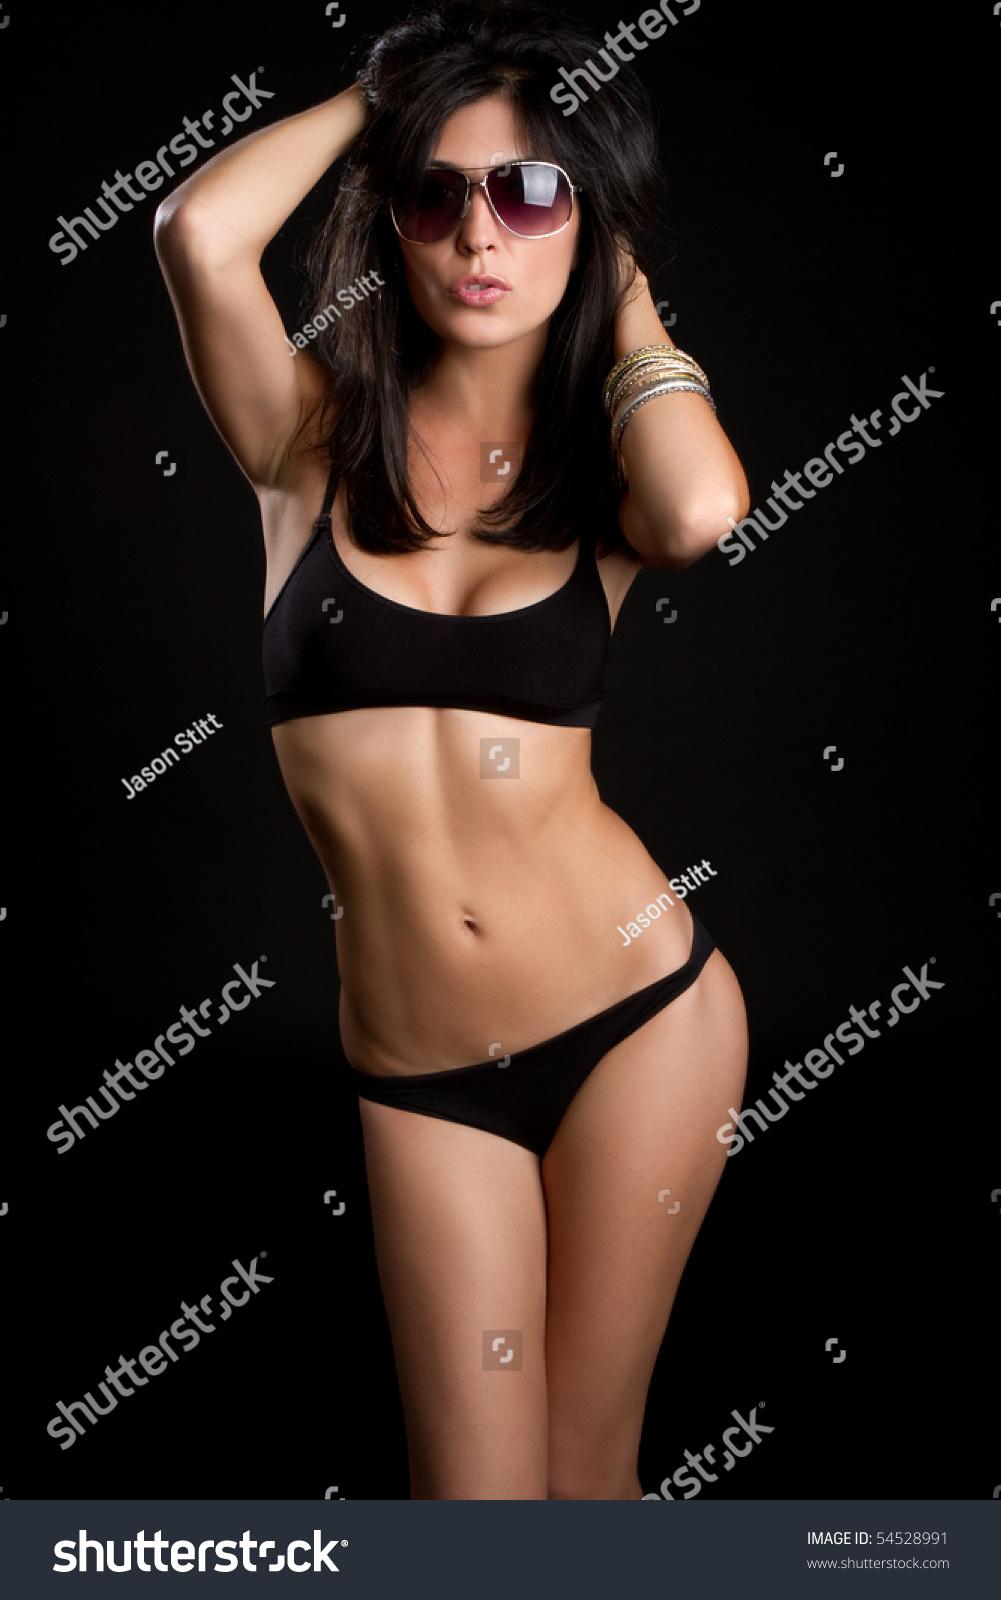 Sexylatina